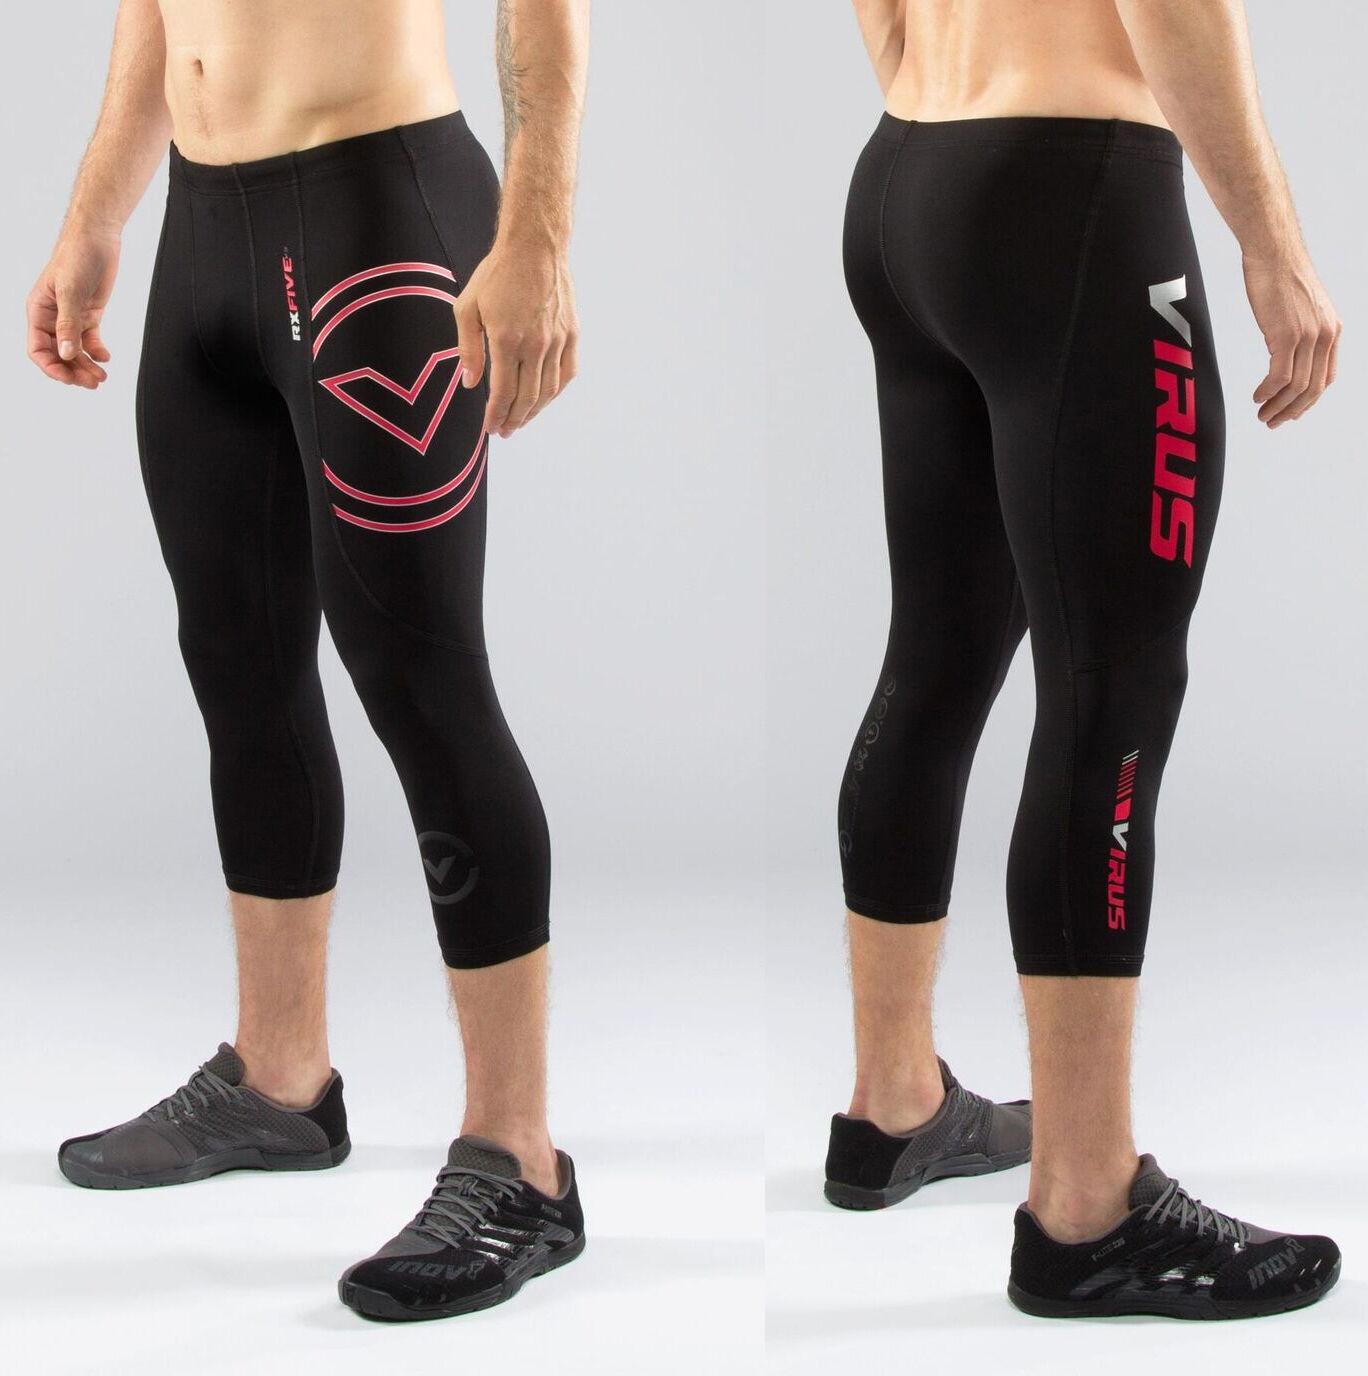 Virus Hombre Stay Cool 3 4 Largoitud Compresión Pierna Acampanada Pantalones (